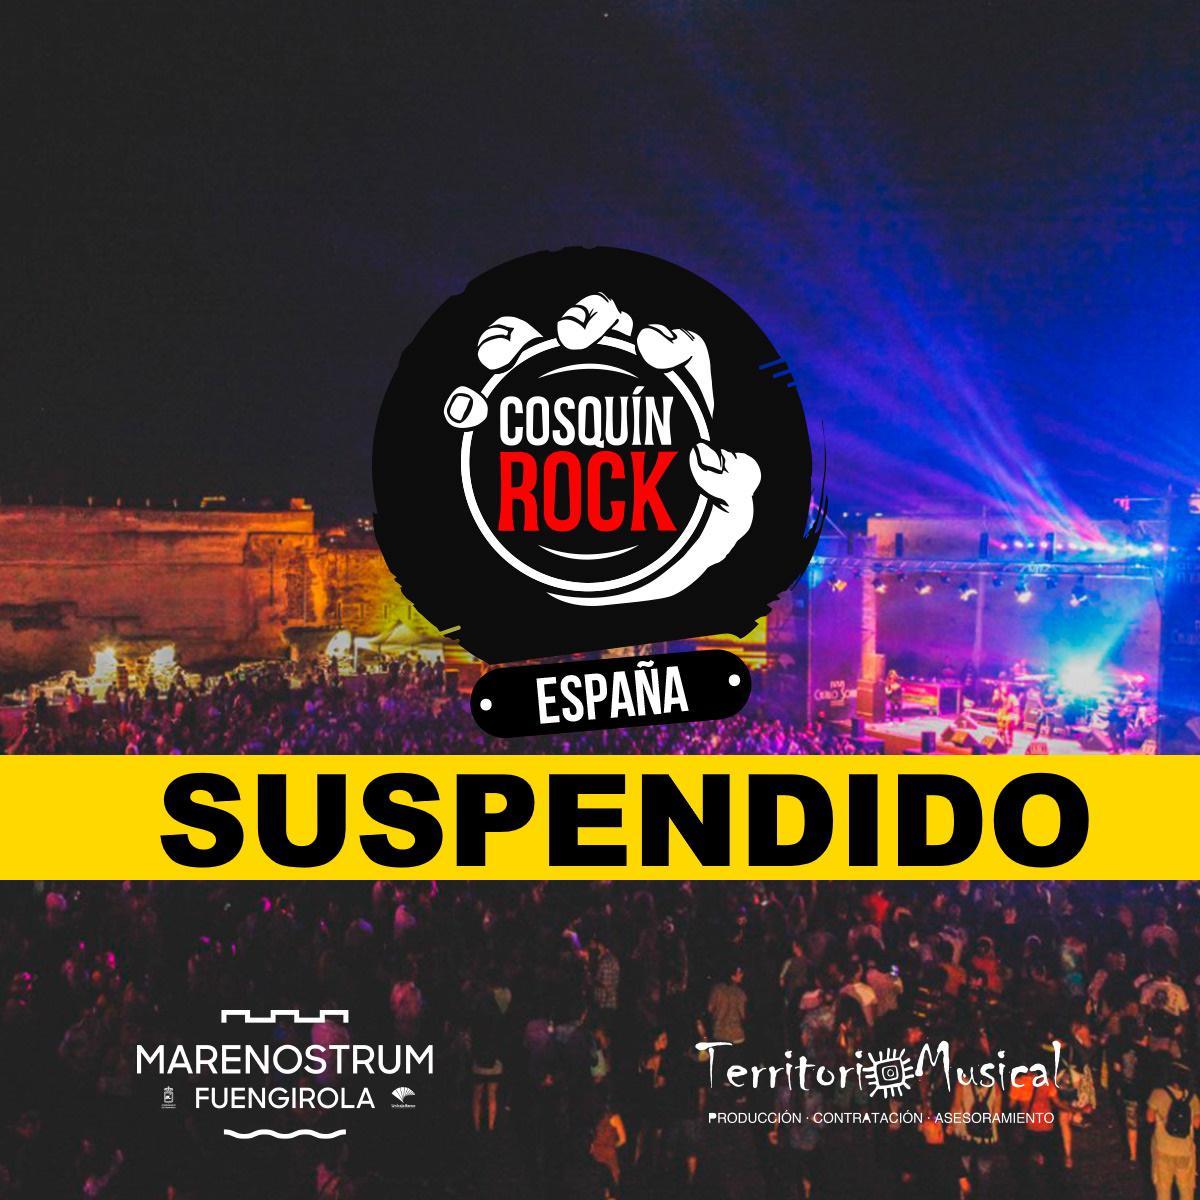 Cosquín Rock España